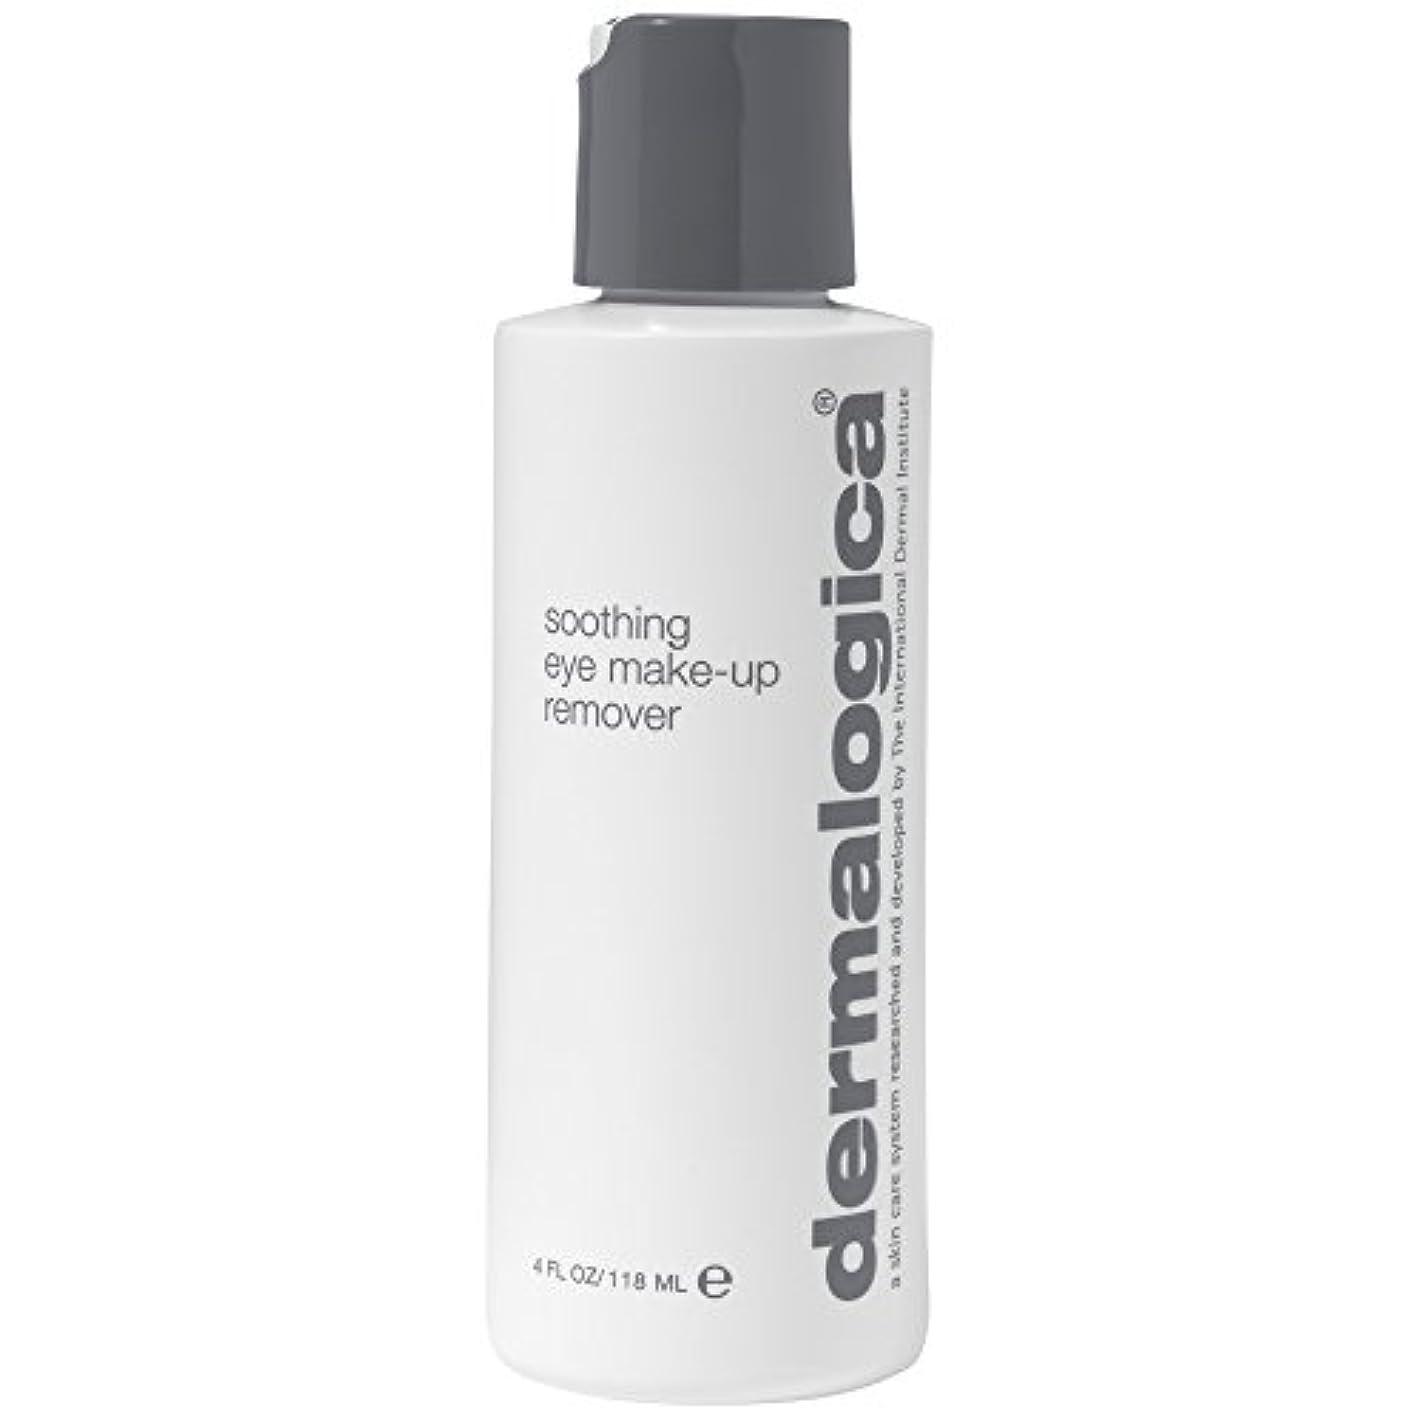 お風呂時刻表不正確ダーマロジカなだめるアイメイクアップリムーバーの118ミリリットル (Dermalogica) - Dermalogica Soothing Eye Makeup Remover 118ml [並行輸入品]